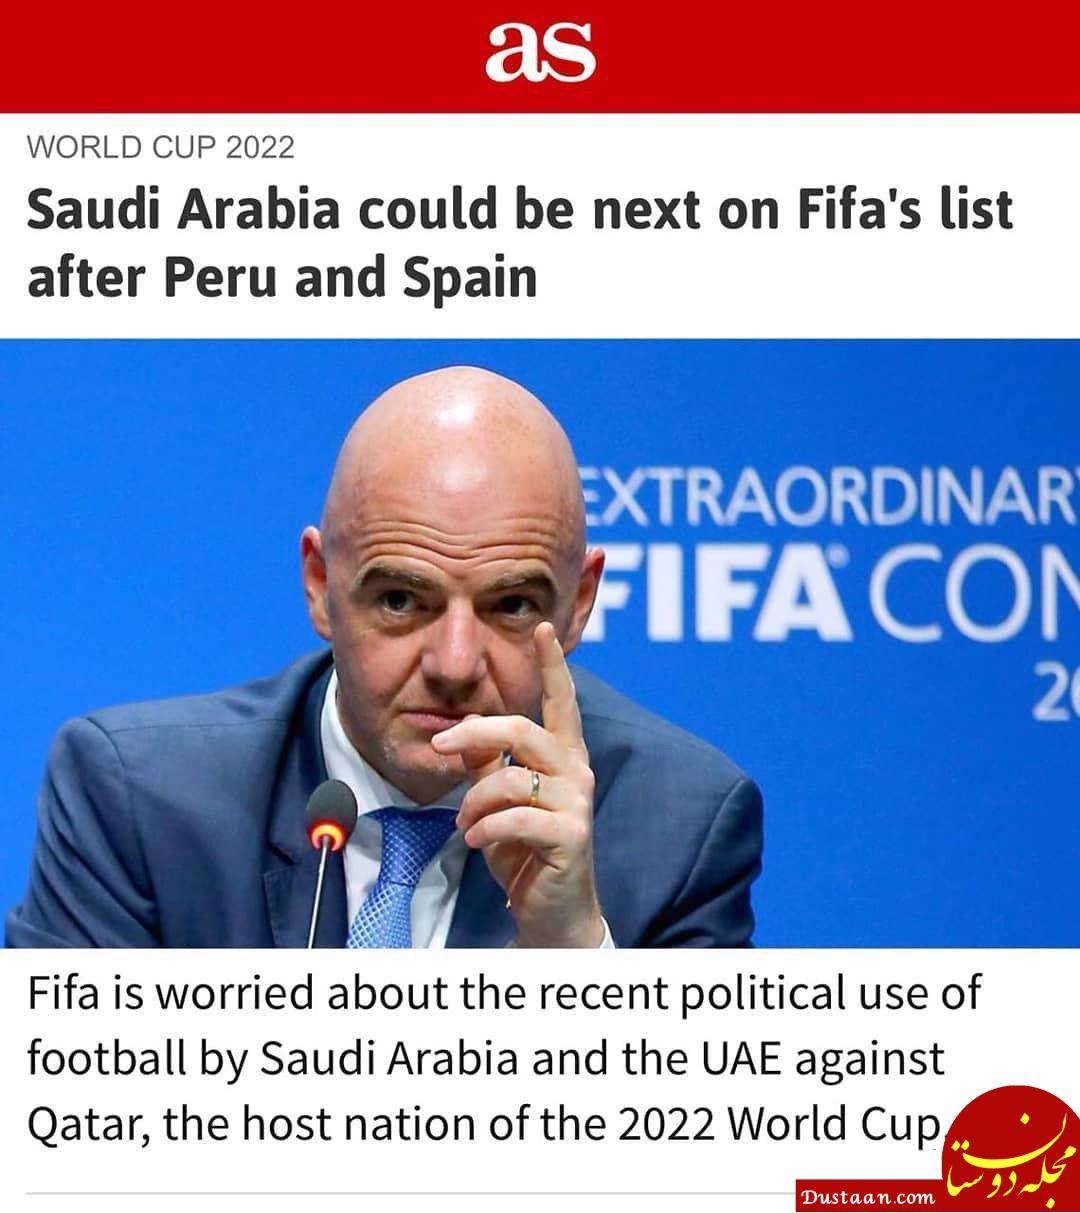 درخصوص حواشی پرسپولیس عربستان از جام جهانی روسیه حذف می شود؟ - مجله اینترنتی دوستان